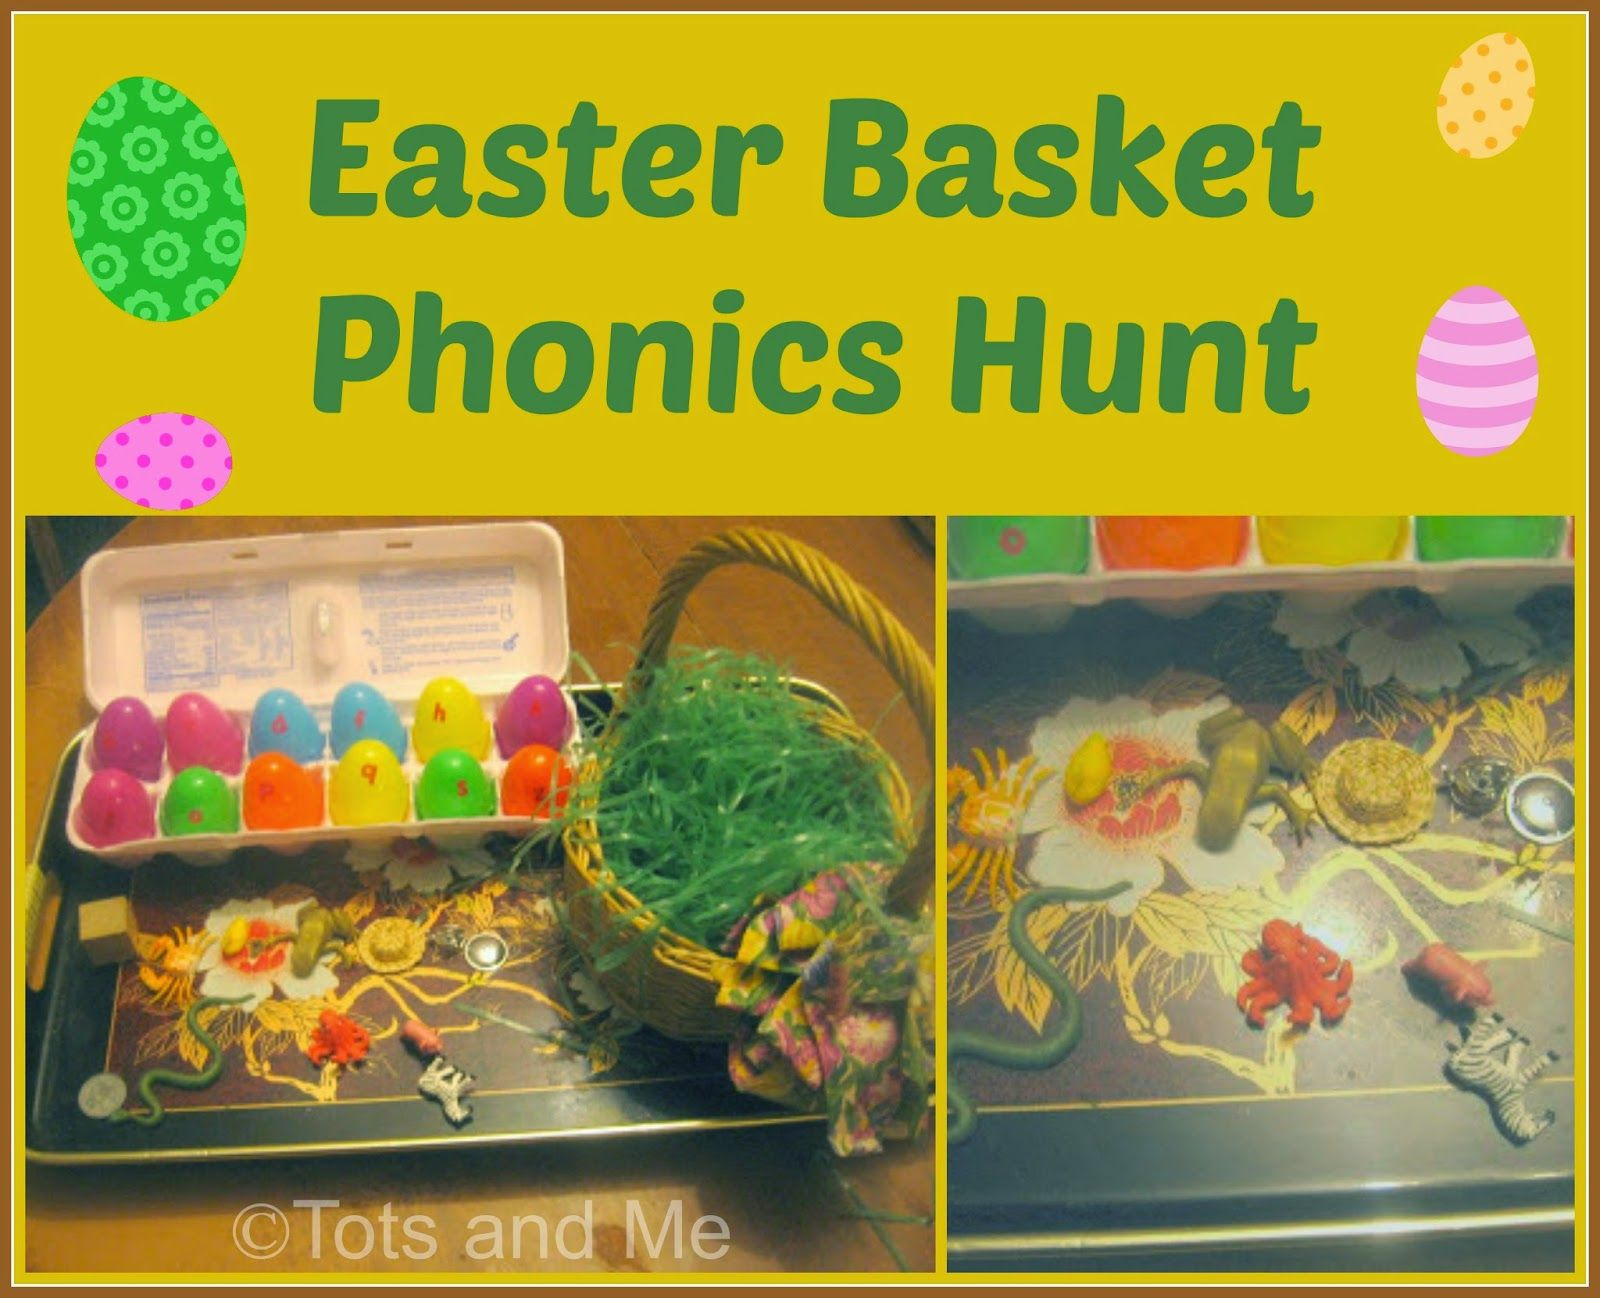 Easter Basket Phonics Hunt